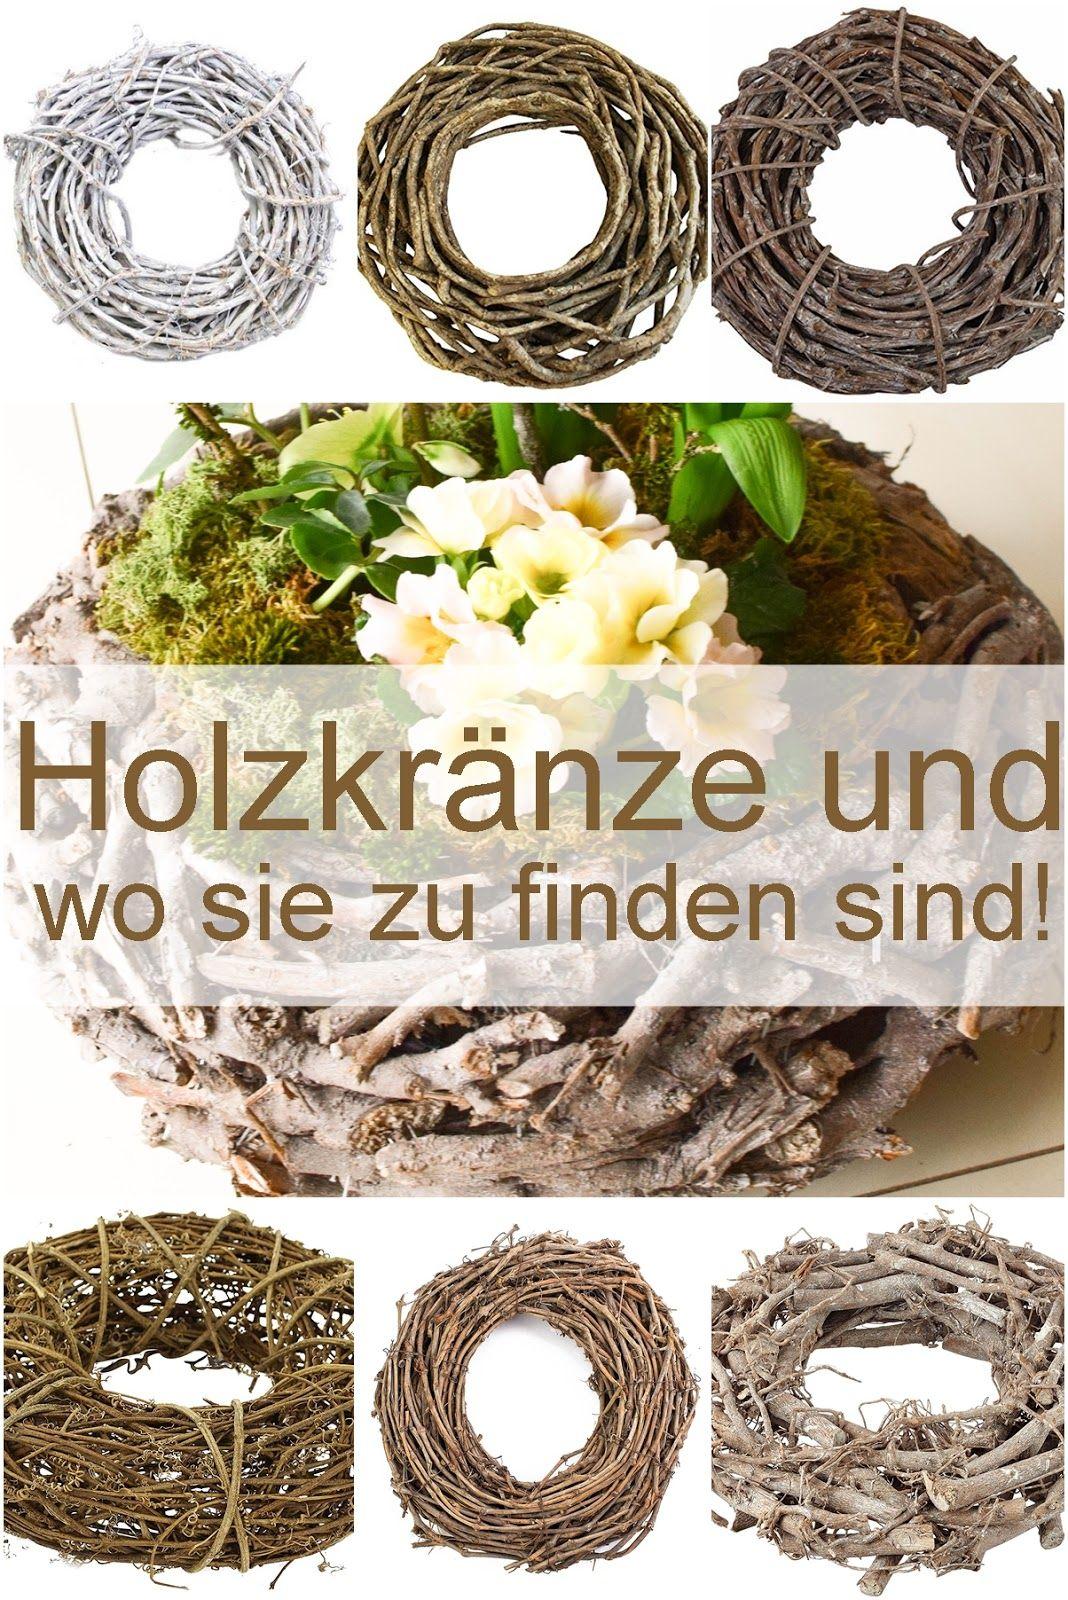 Die besten und sch nsten kr nze aus holz kreativit t pur ostern dekoideen und diy - Holzkranz dekorieren ...